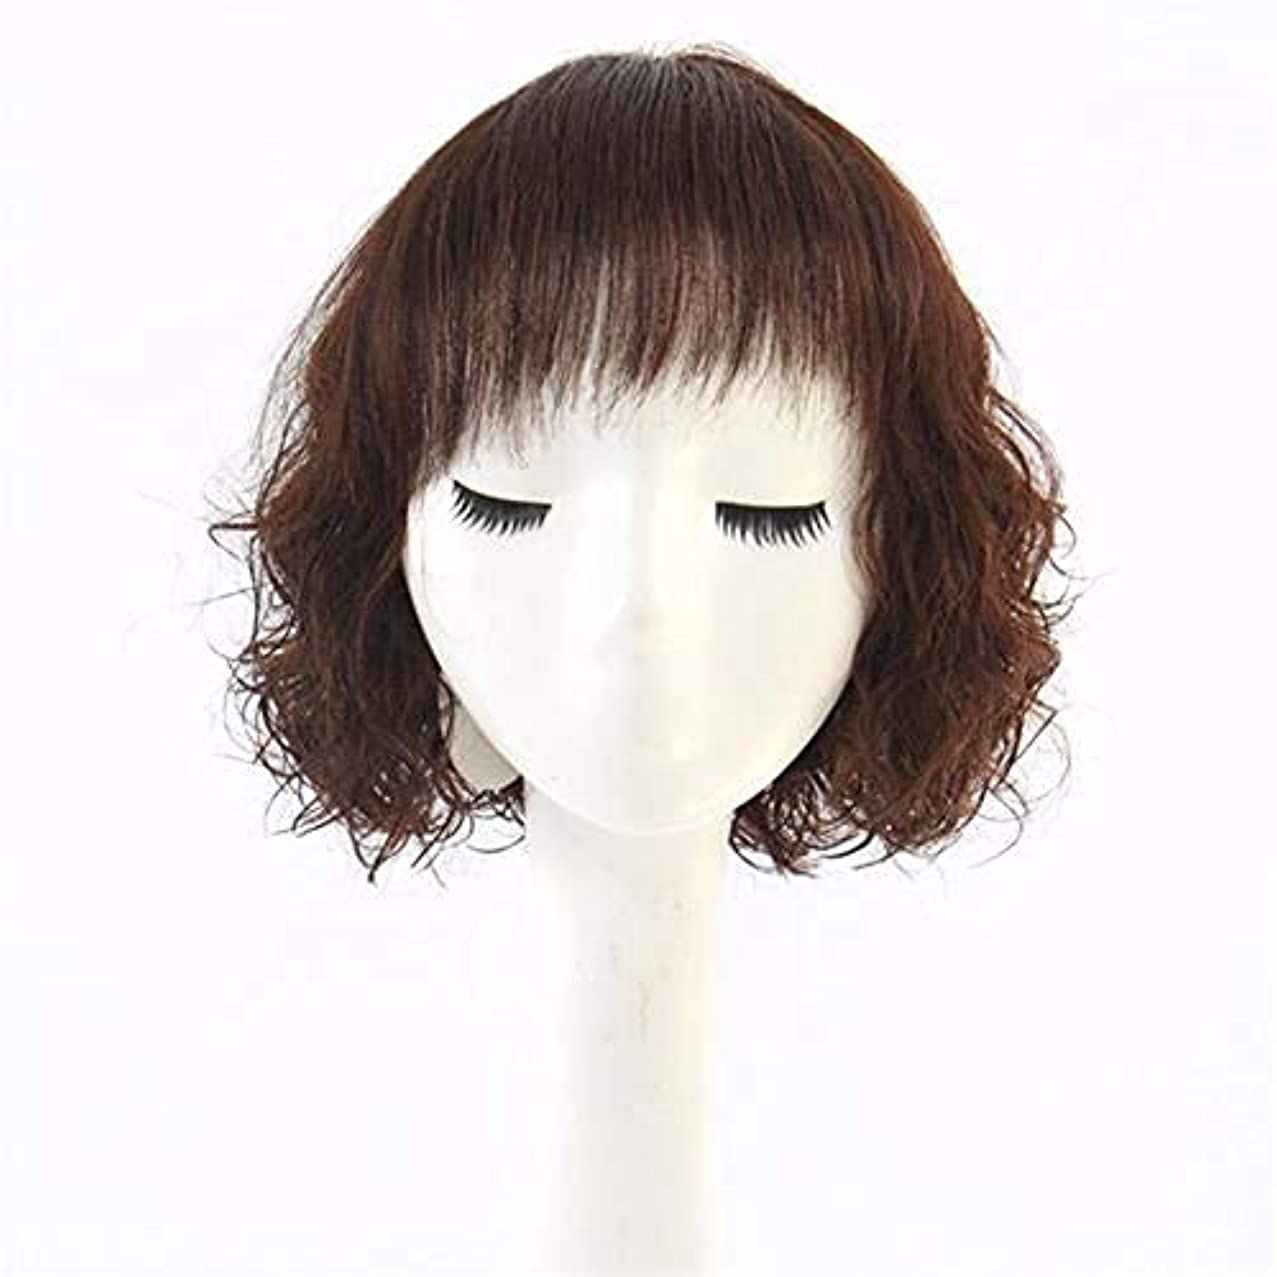 終わりワゴン爆発するYOUQIU 女子ショートカーリーボブスタイルレディースの高品質のファッションチャーミング本物の人間の髪の毛のかつらウィッグ (色 : Natural color)